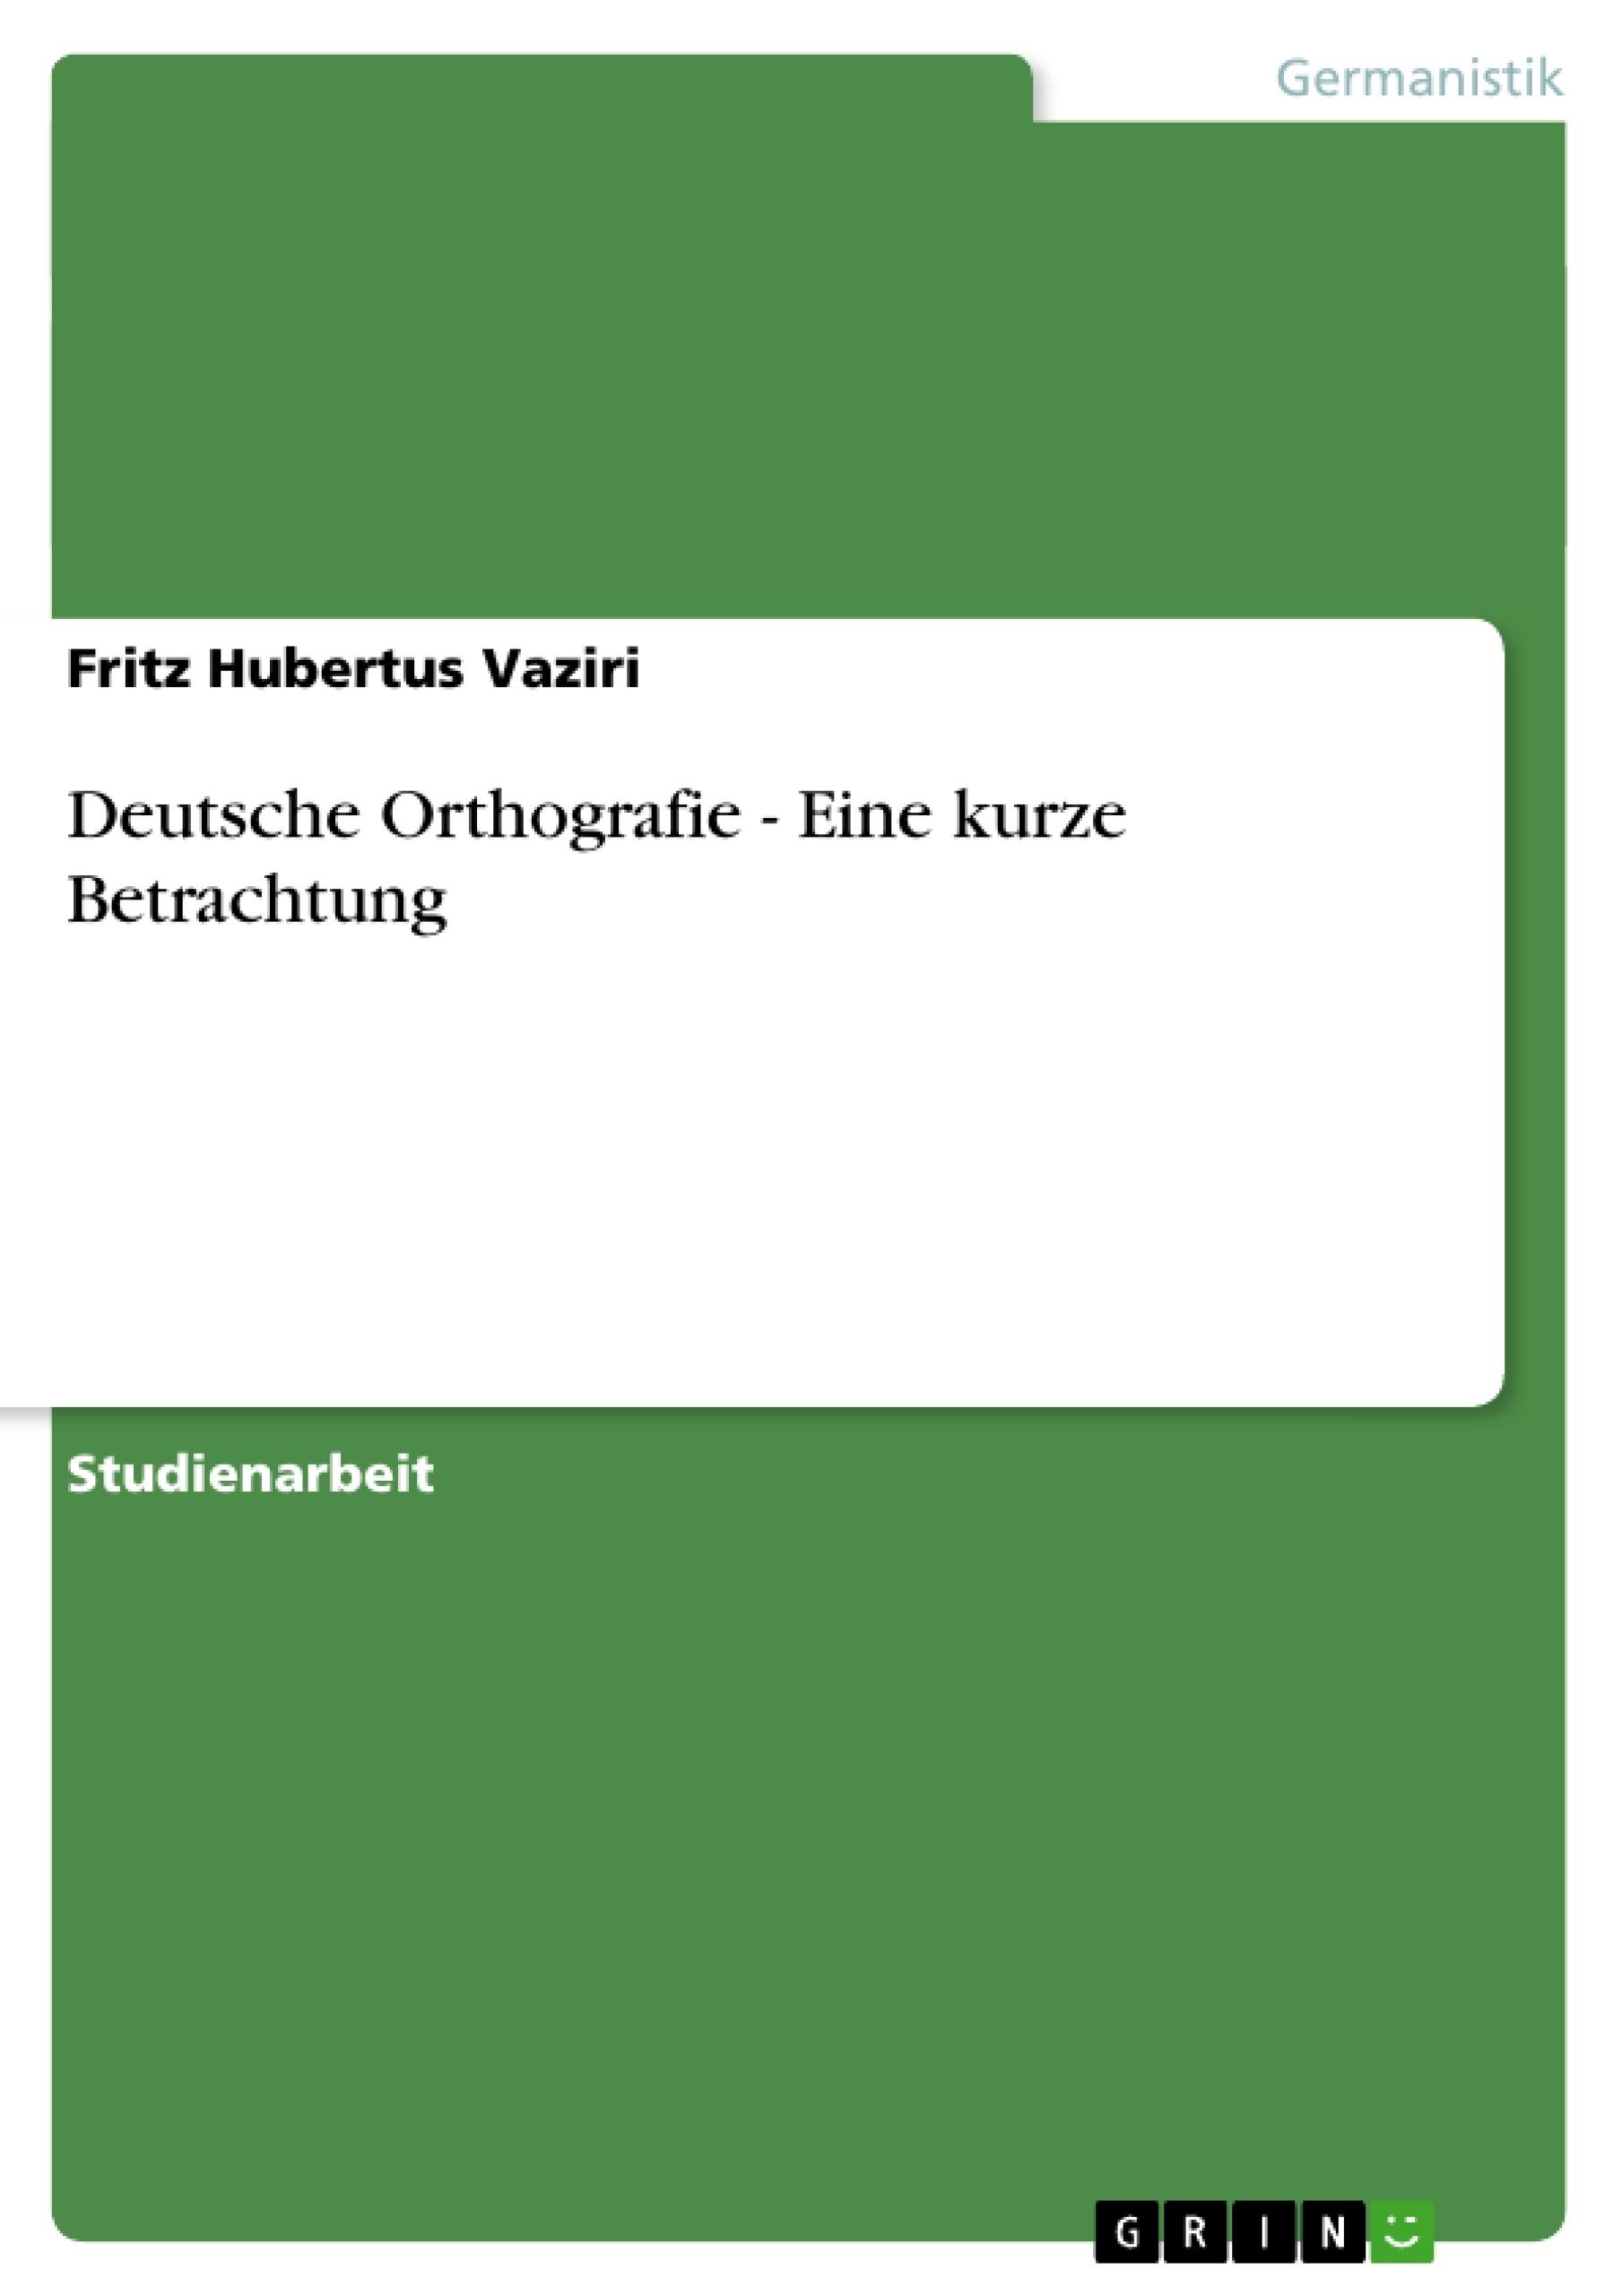 Titel: Deutsche Orthografie - Eine kurze Betrachtung